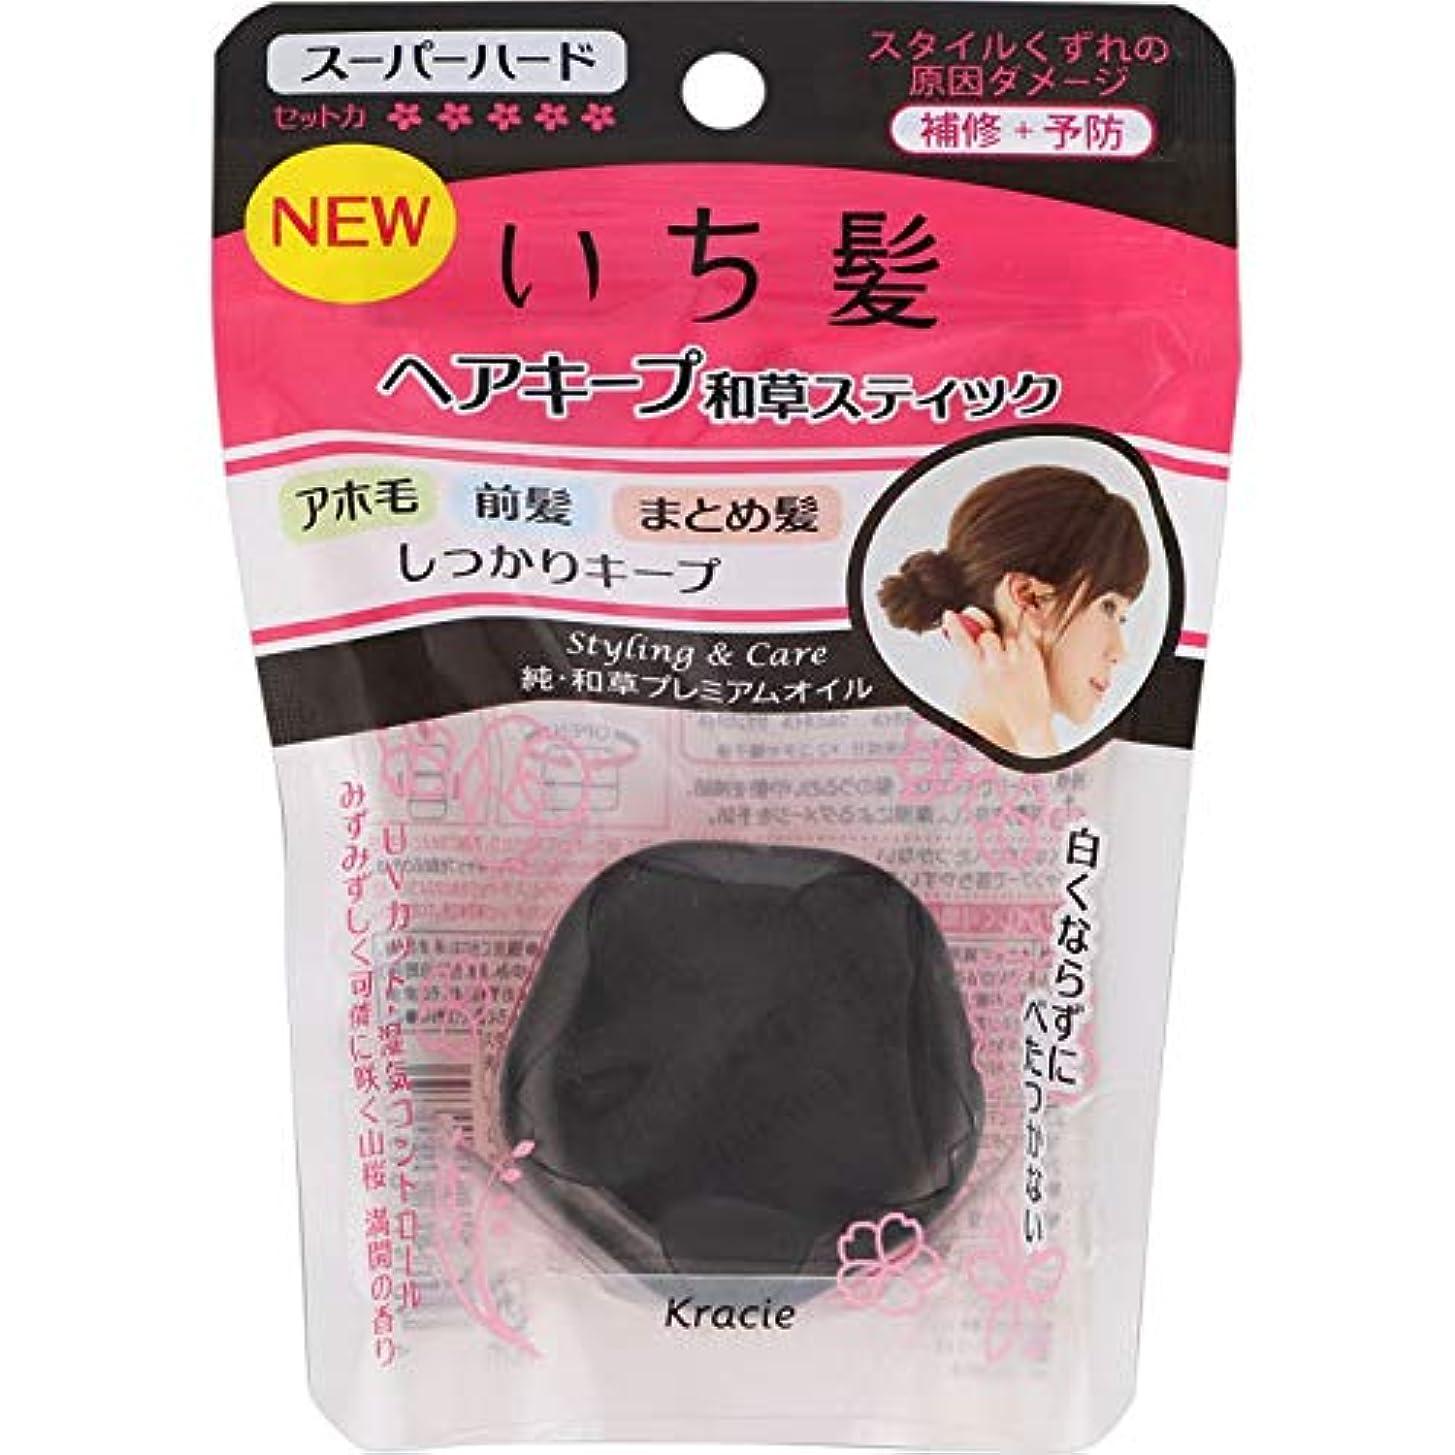 ボイラー鏡顎いち髪 ヘアキープ和草スティック(スーパーハード) × 10個セット